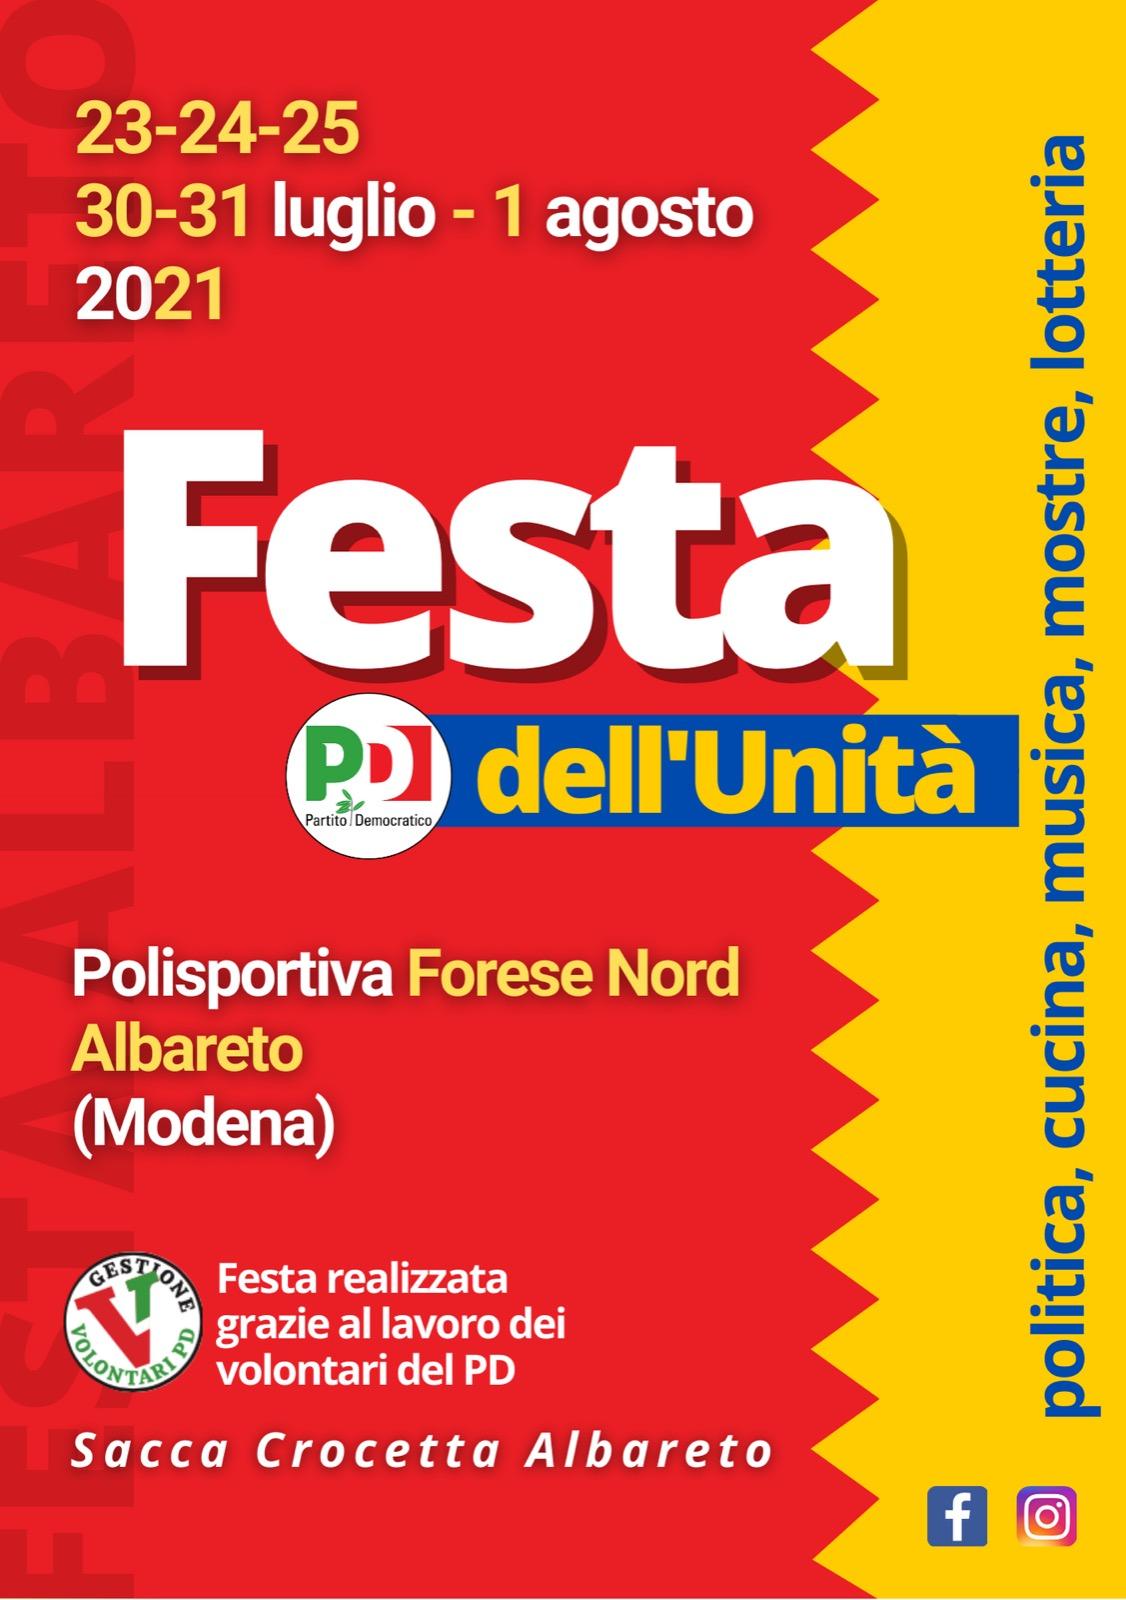 La Festa dell'Unità ad Albareto